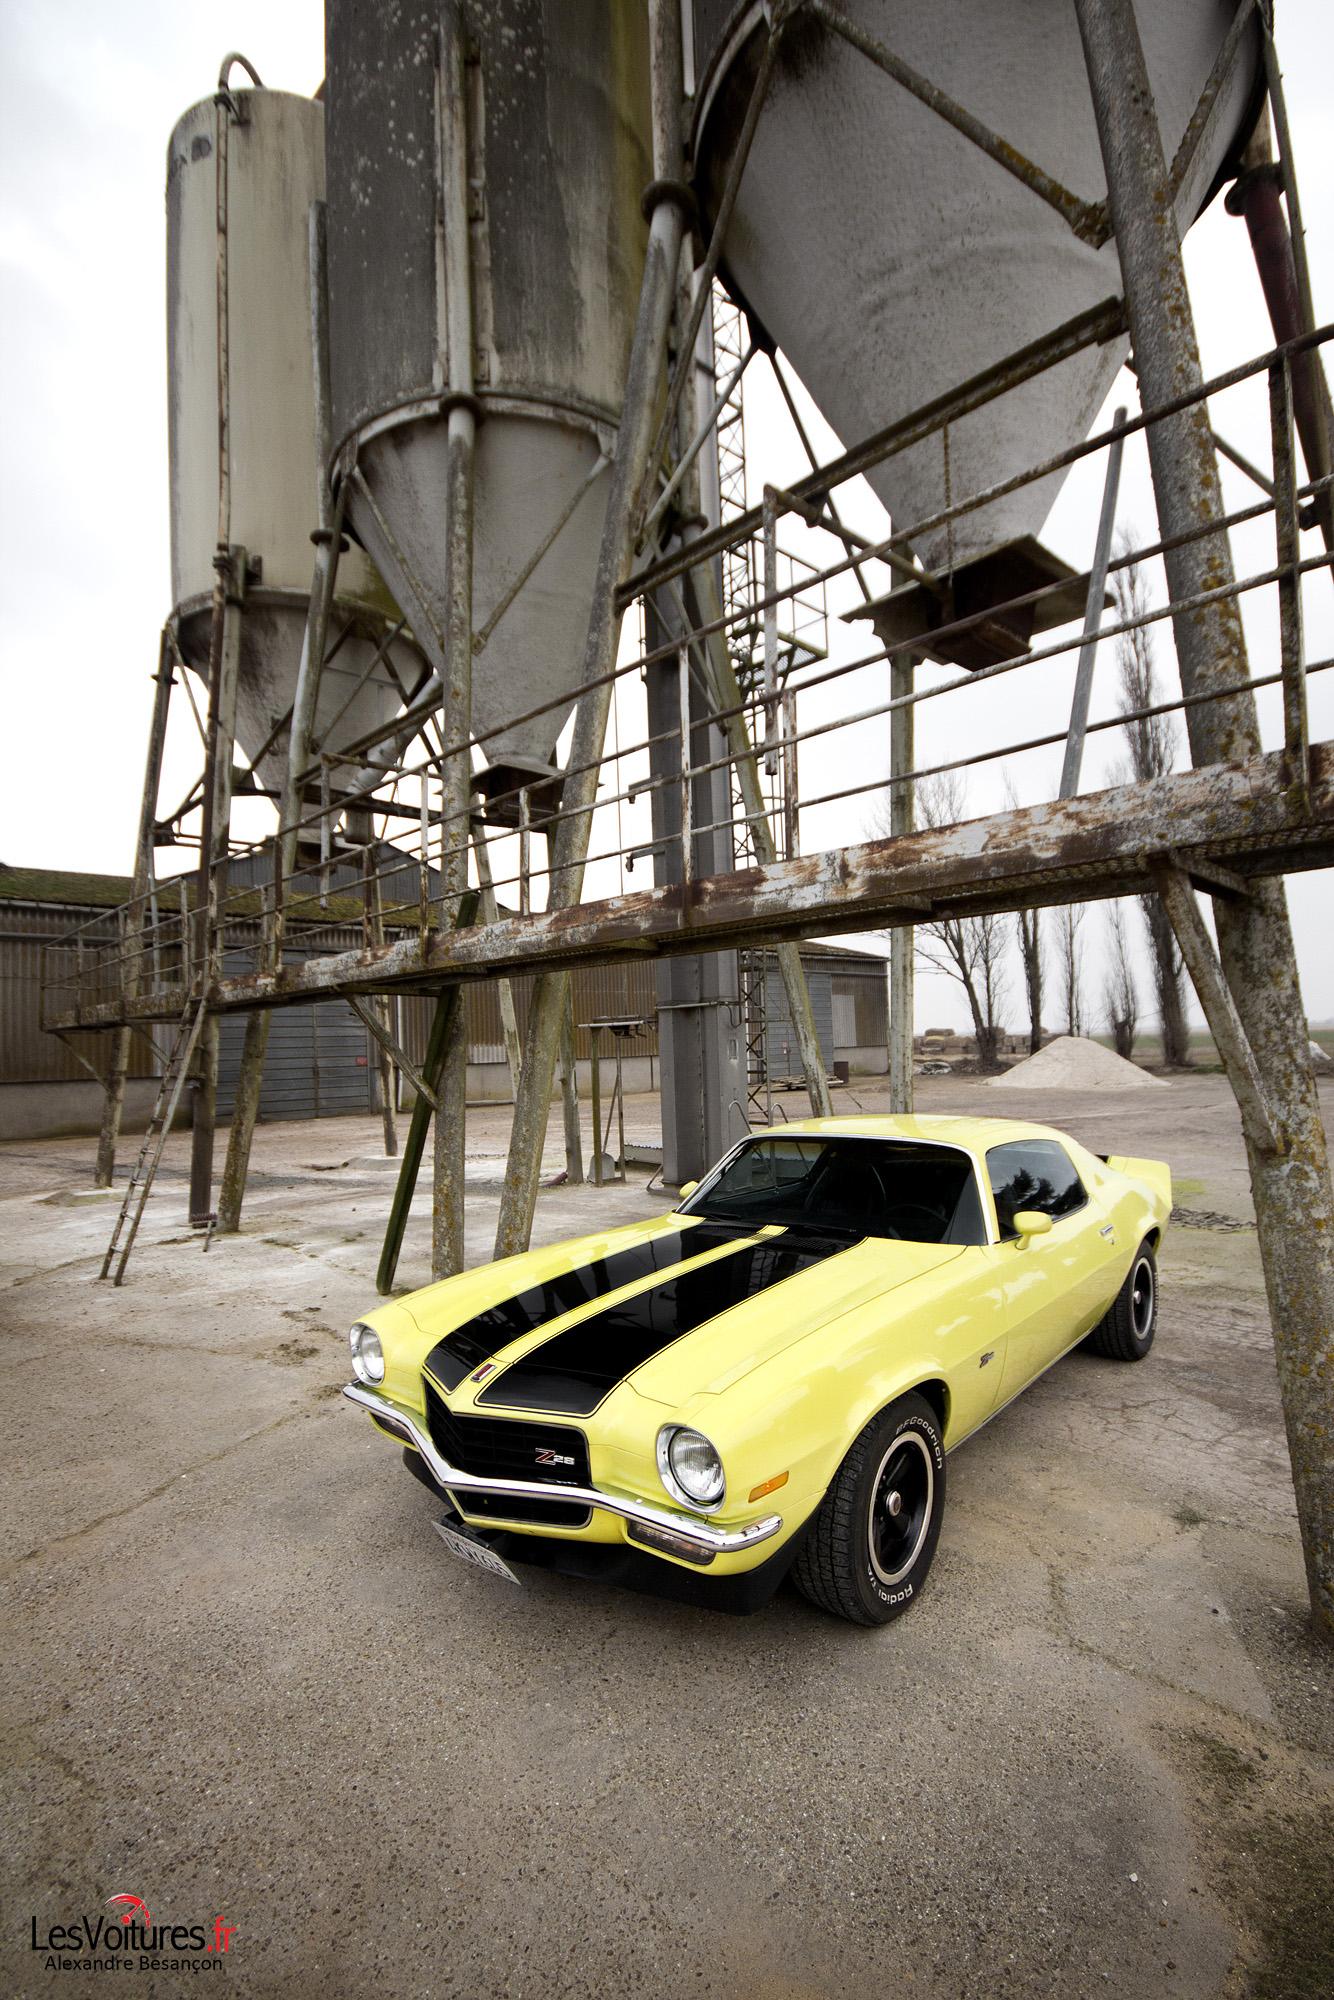 Chevrolet Camaro V8 Zz8 1973 Pony Car 5 Les Voitures